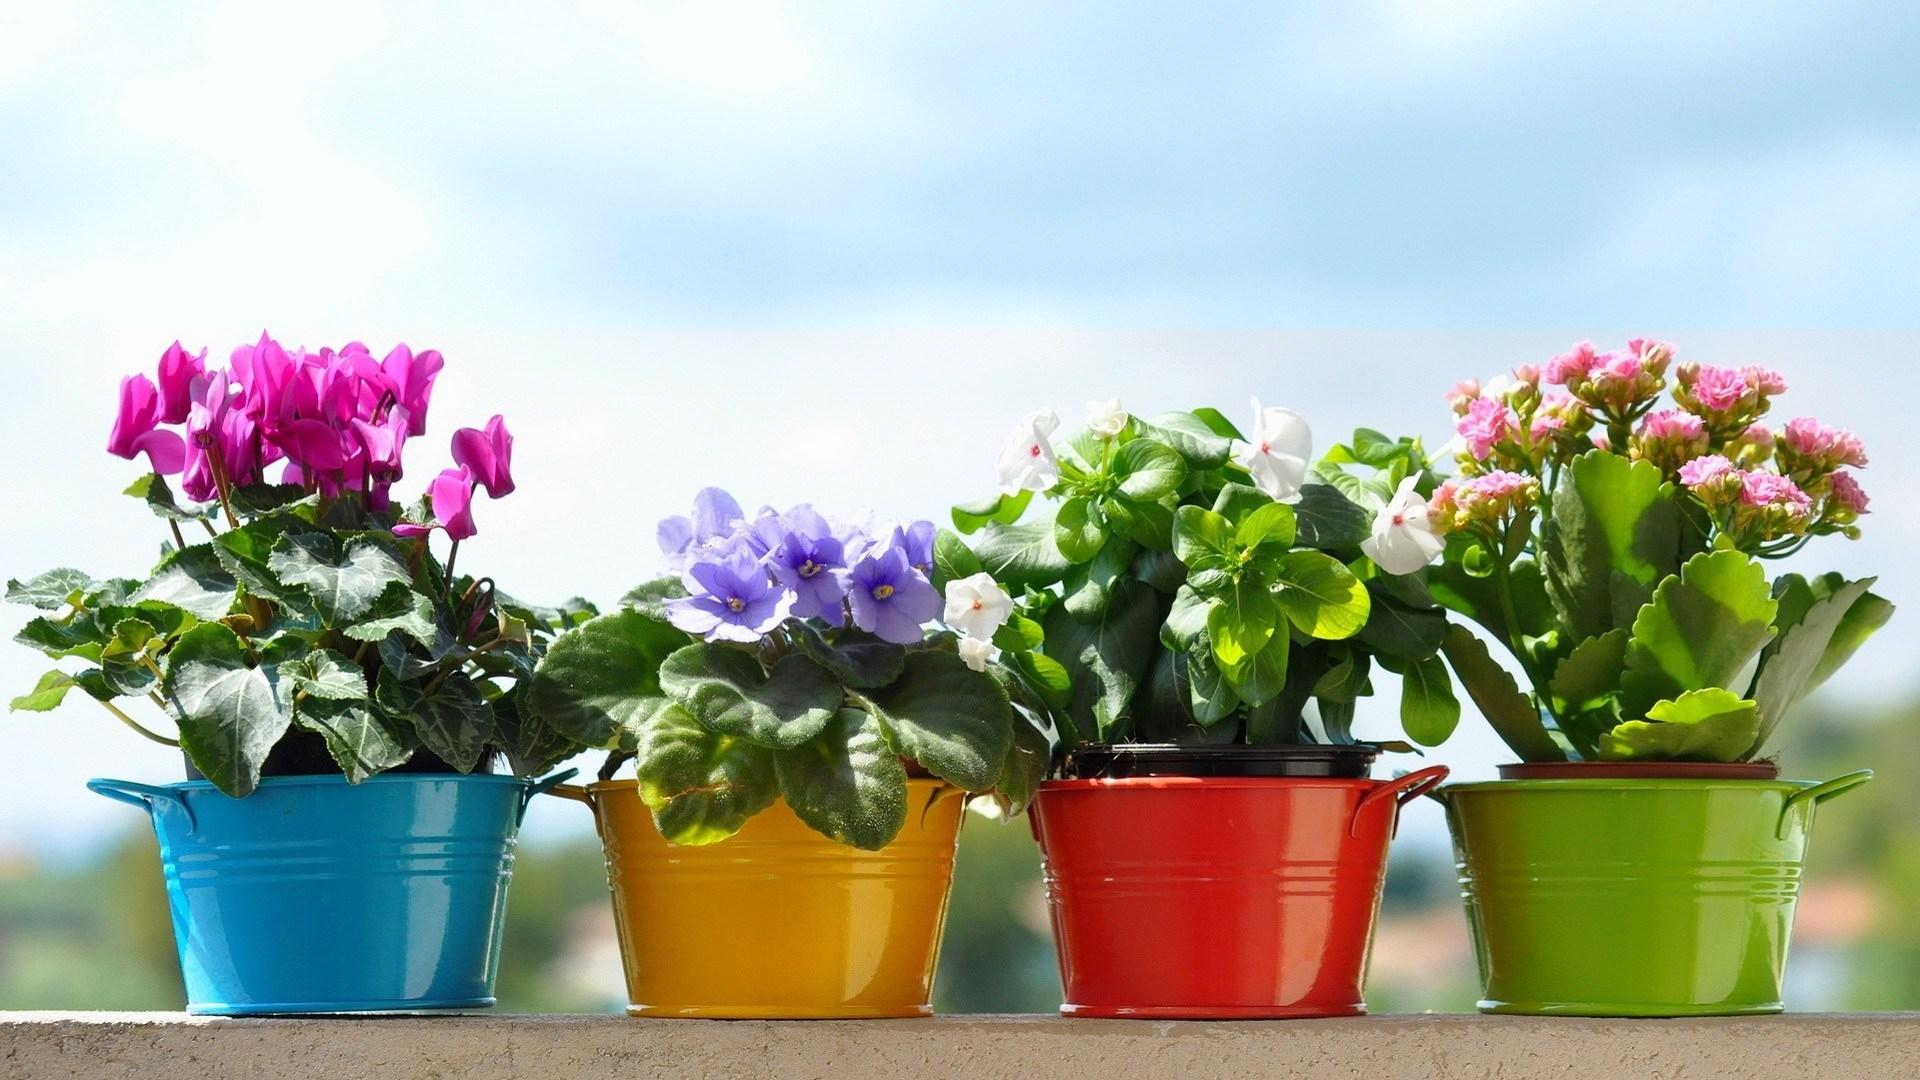 6 растений в горшках, которые можно подарить вместо букета